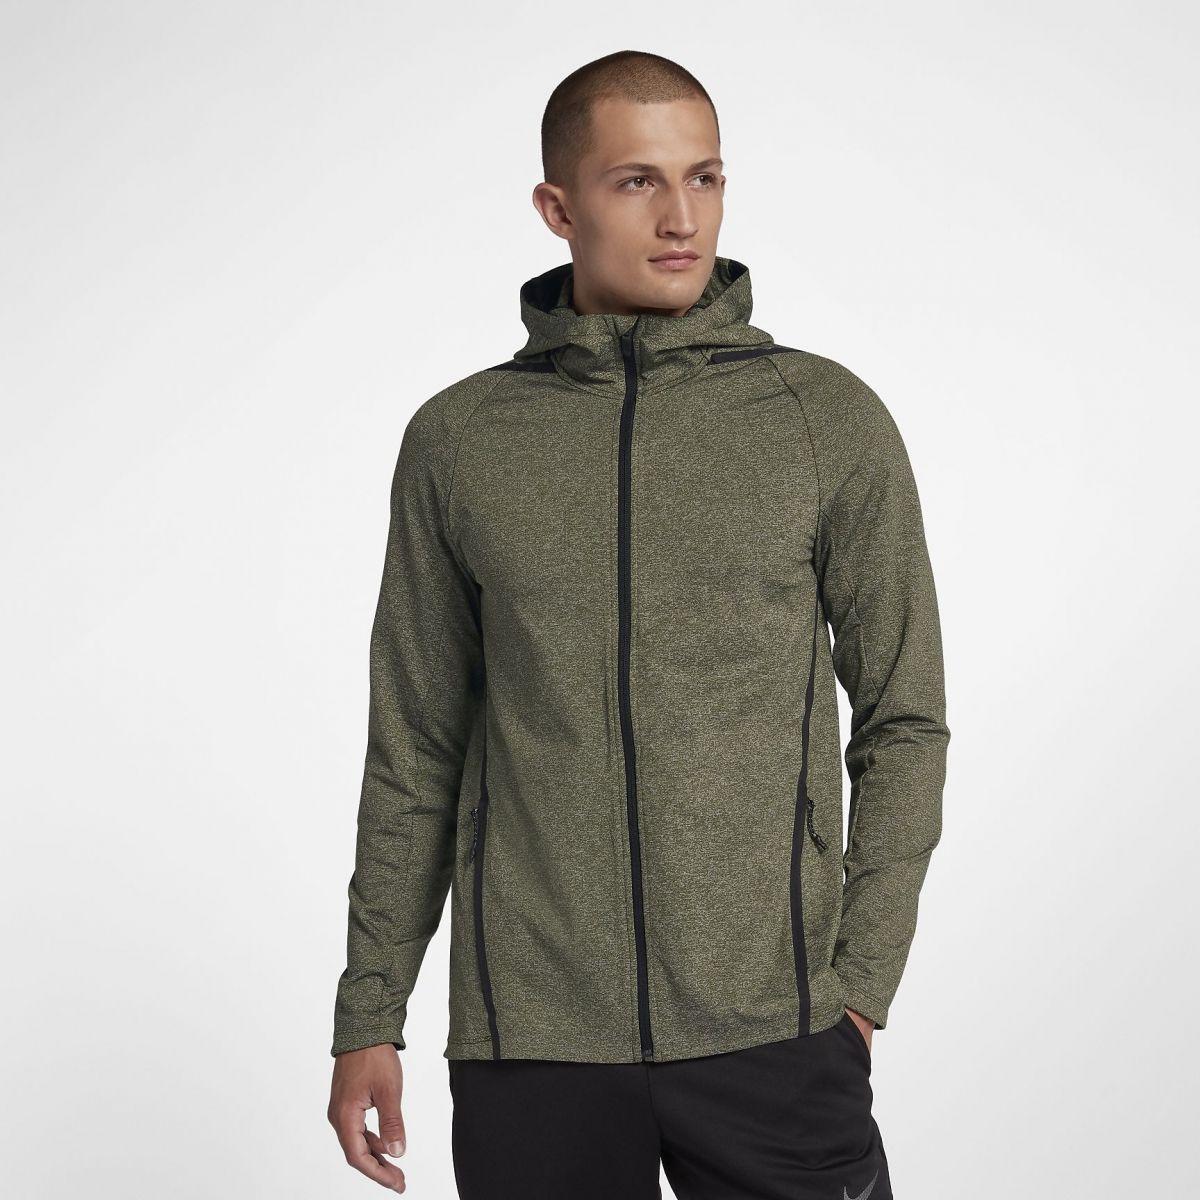 9a04113c Type Hoodies Nike Dri-FIT Long Sleeve Full Zip Training Hoodie